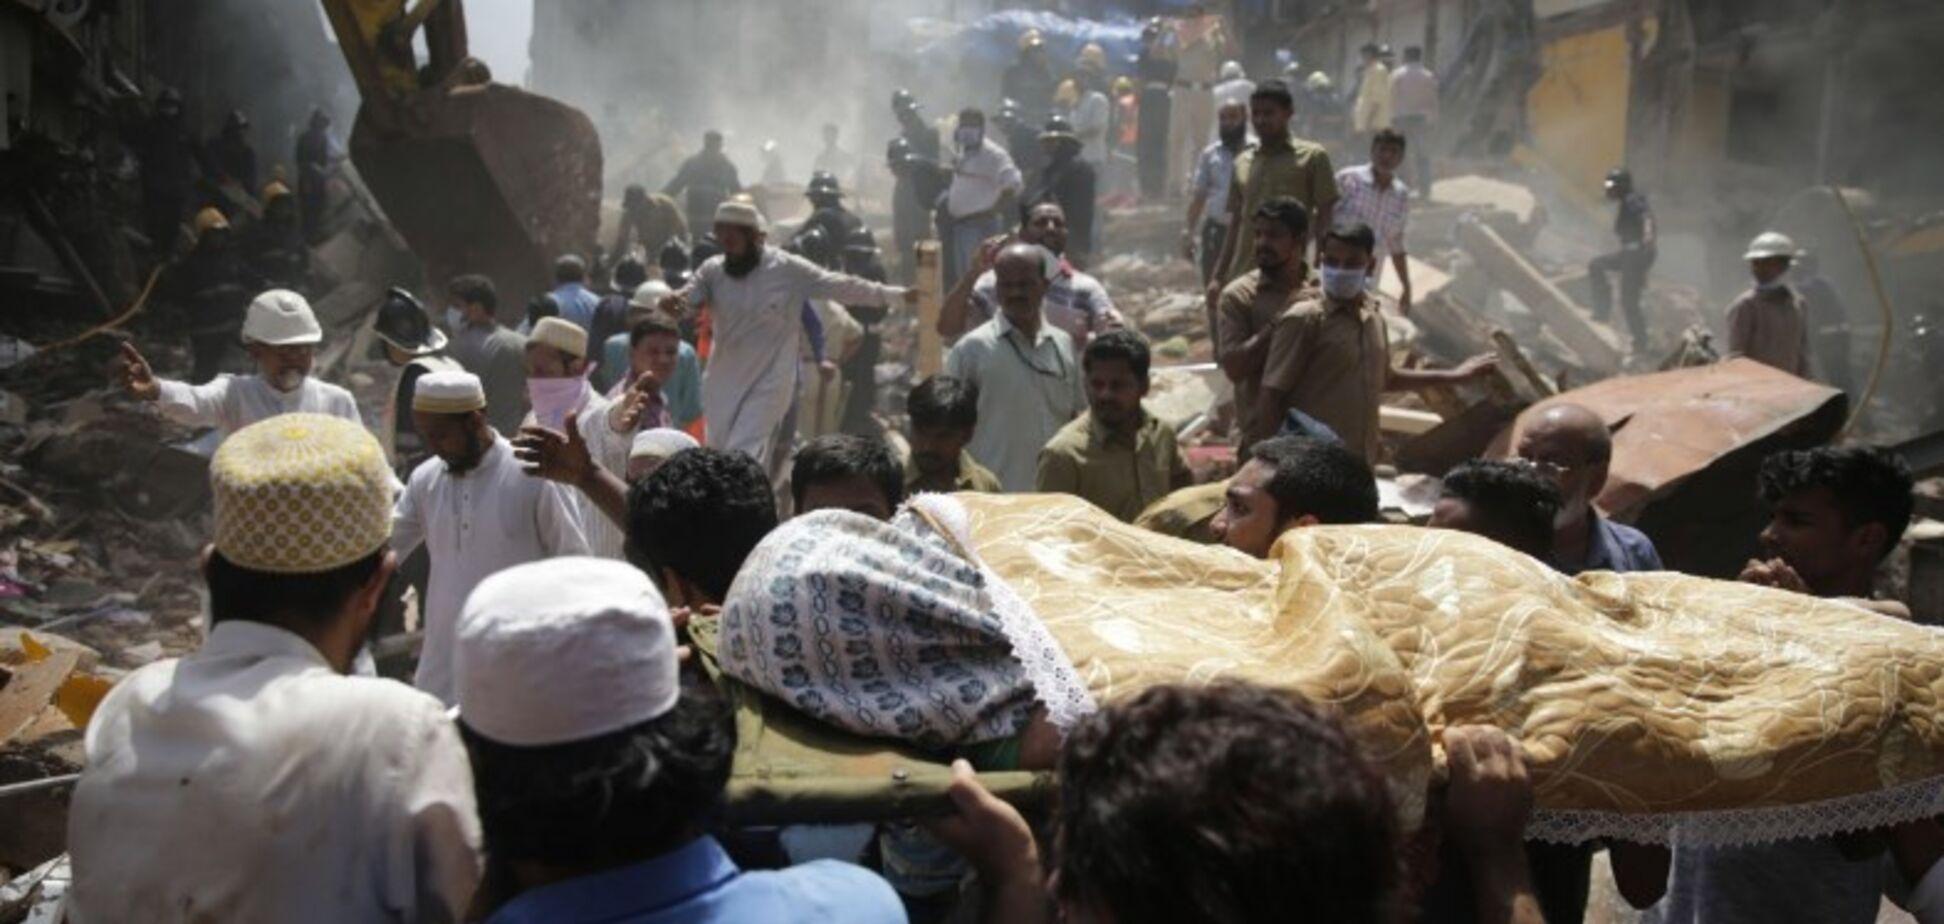 У Мумбаї обрушилася будівля: є жертви і постраждалі